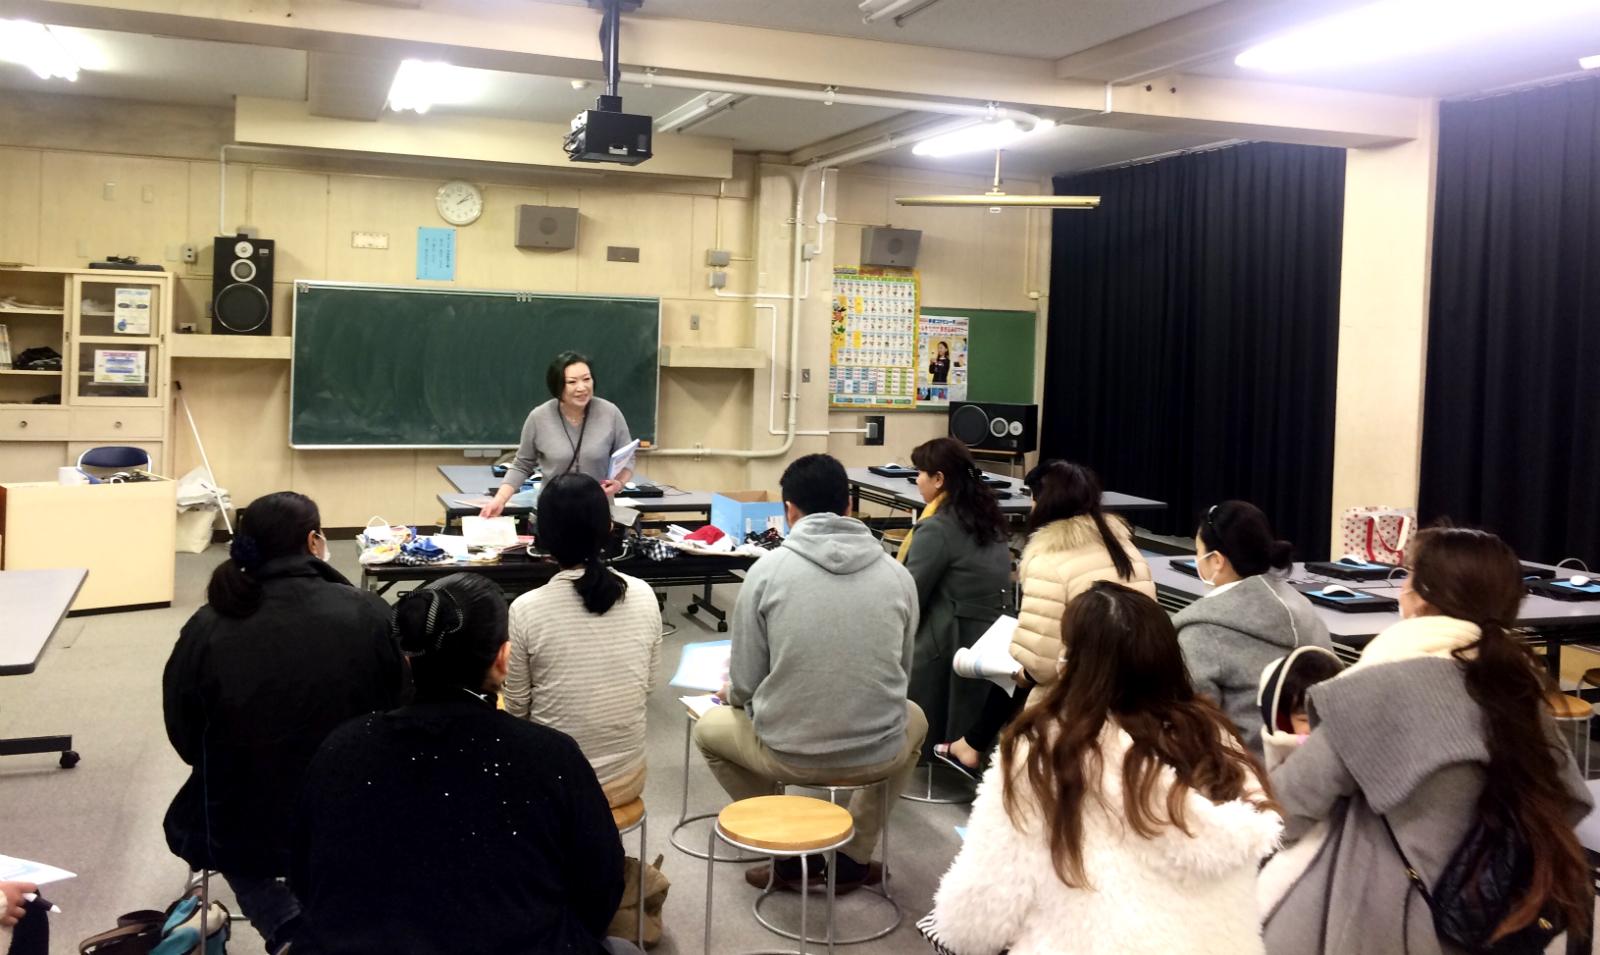 海外にルーツを持つ子どもたちの専門的日本語教育を支援する「YSCグローバル・スクール」